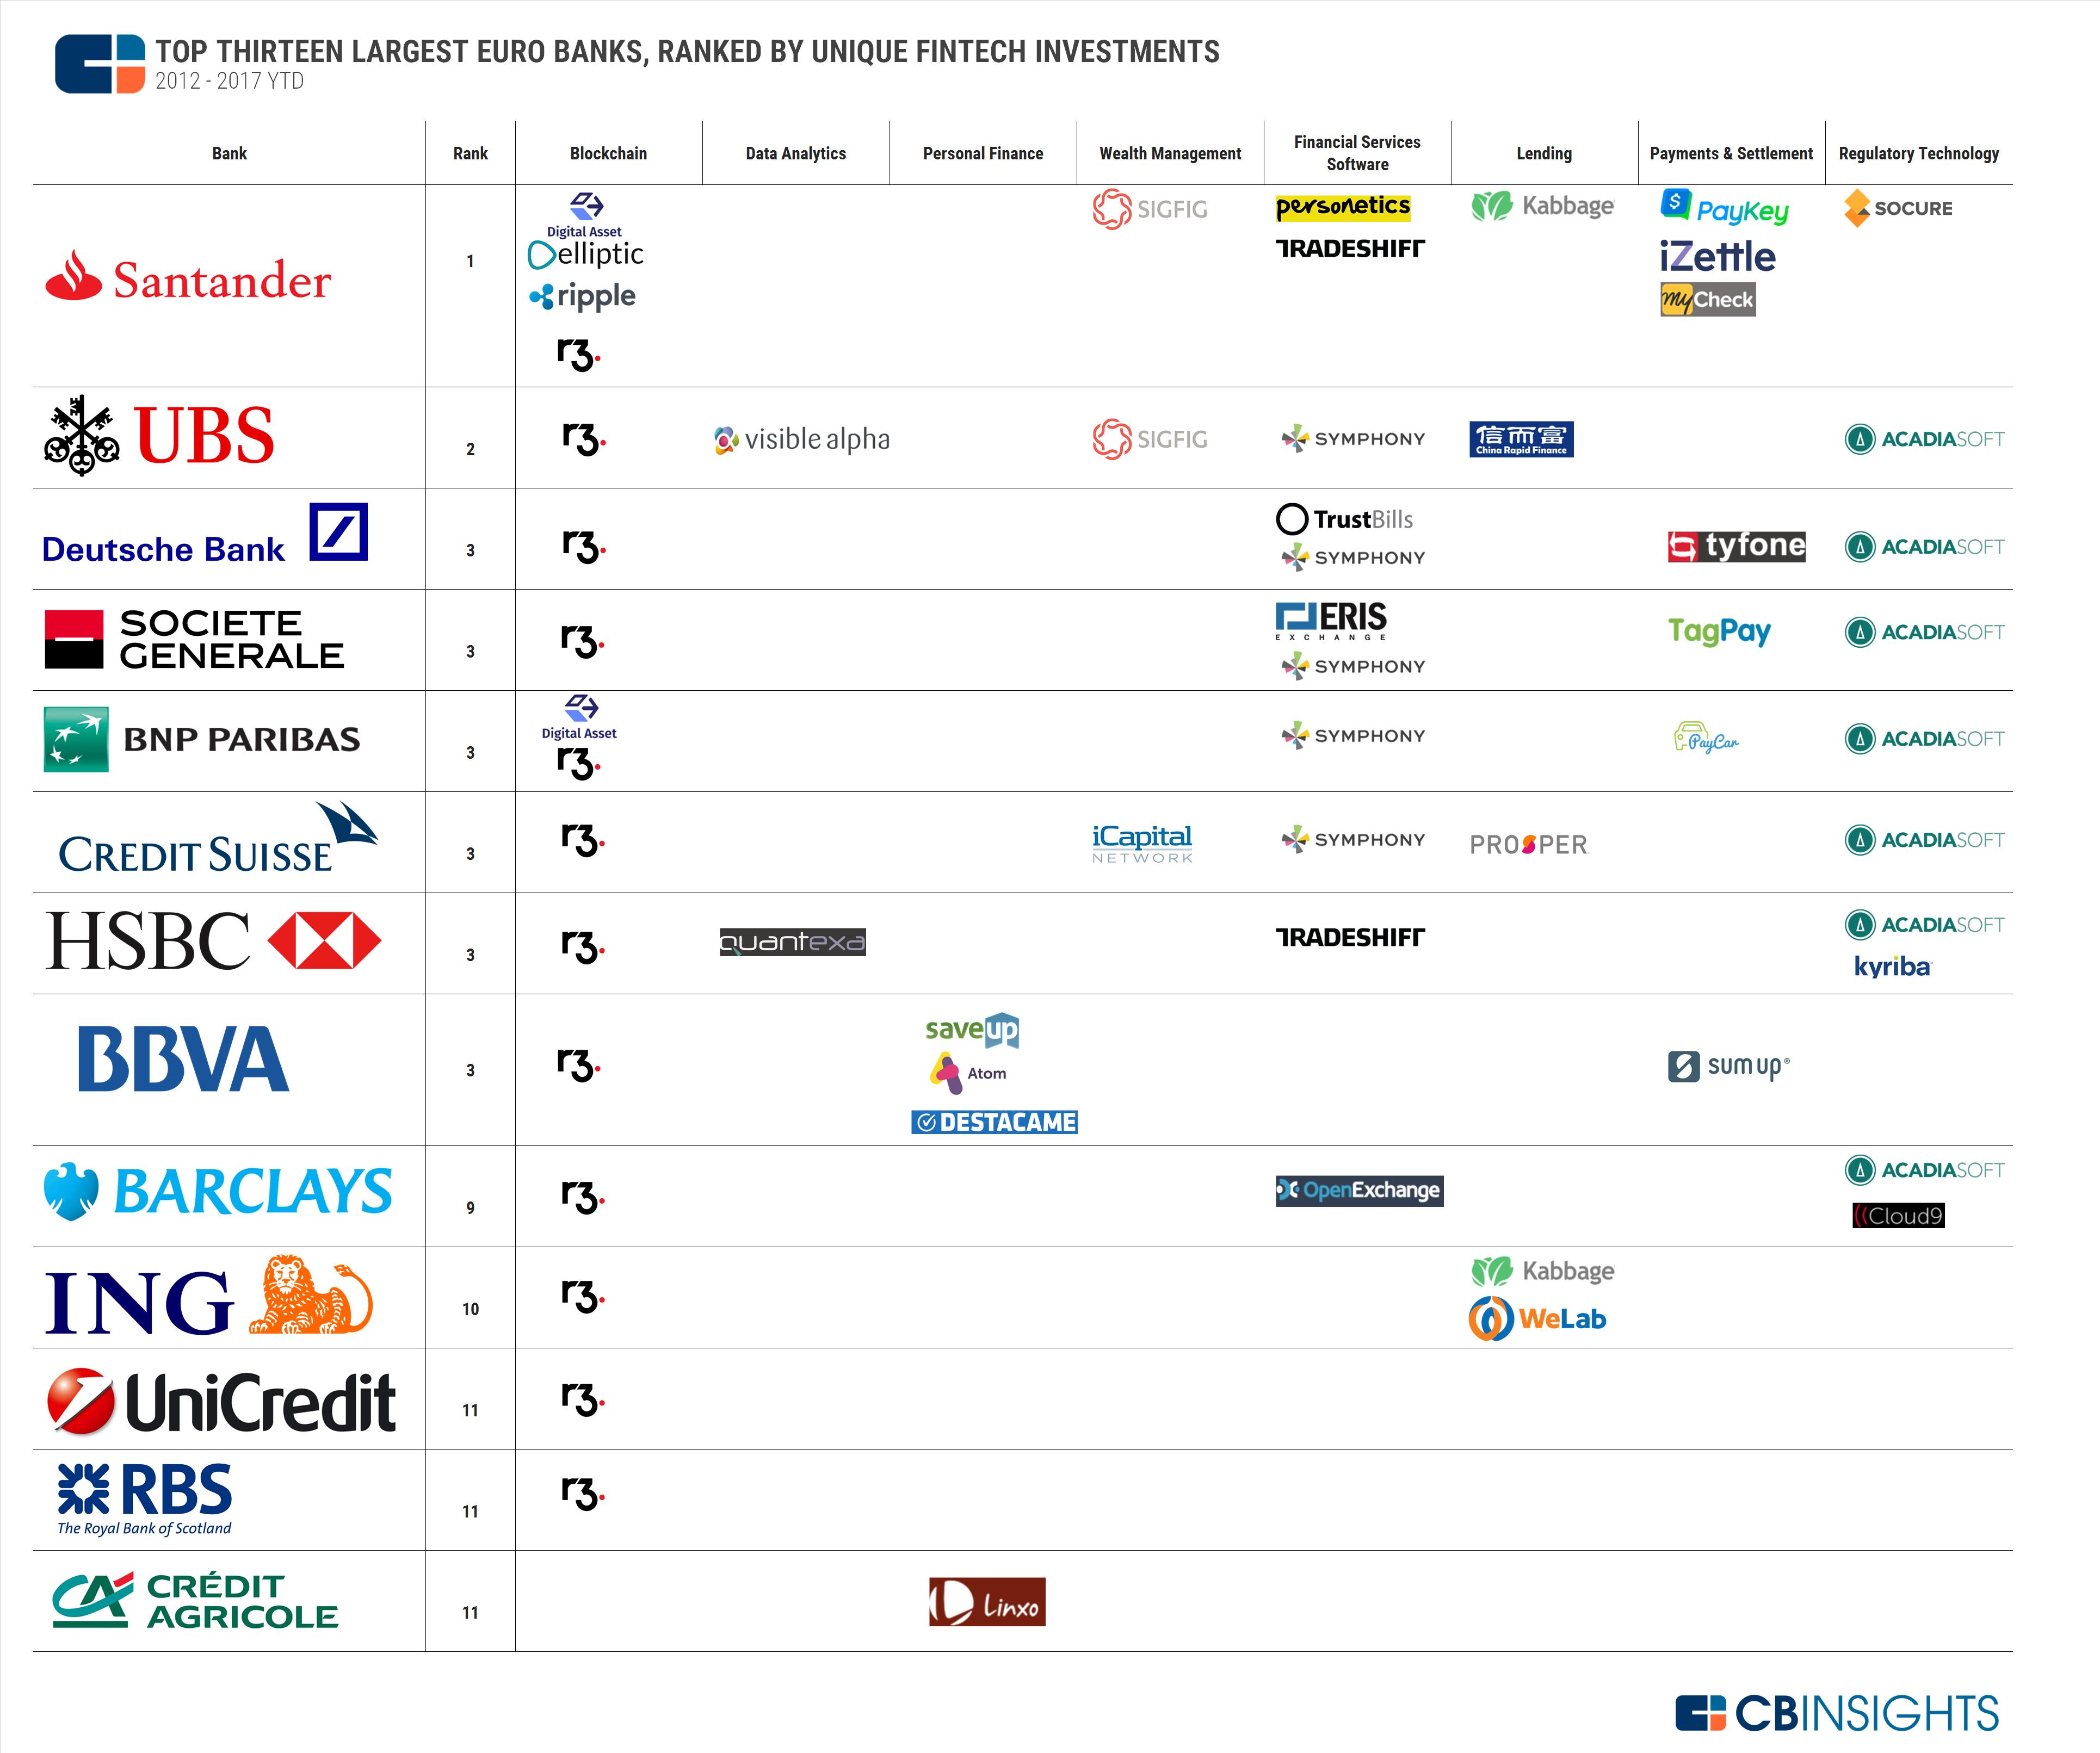 Die Investments der europäischen Großbanken im Überblick. © CB Insights